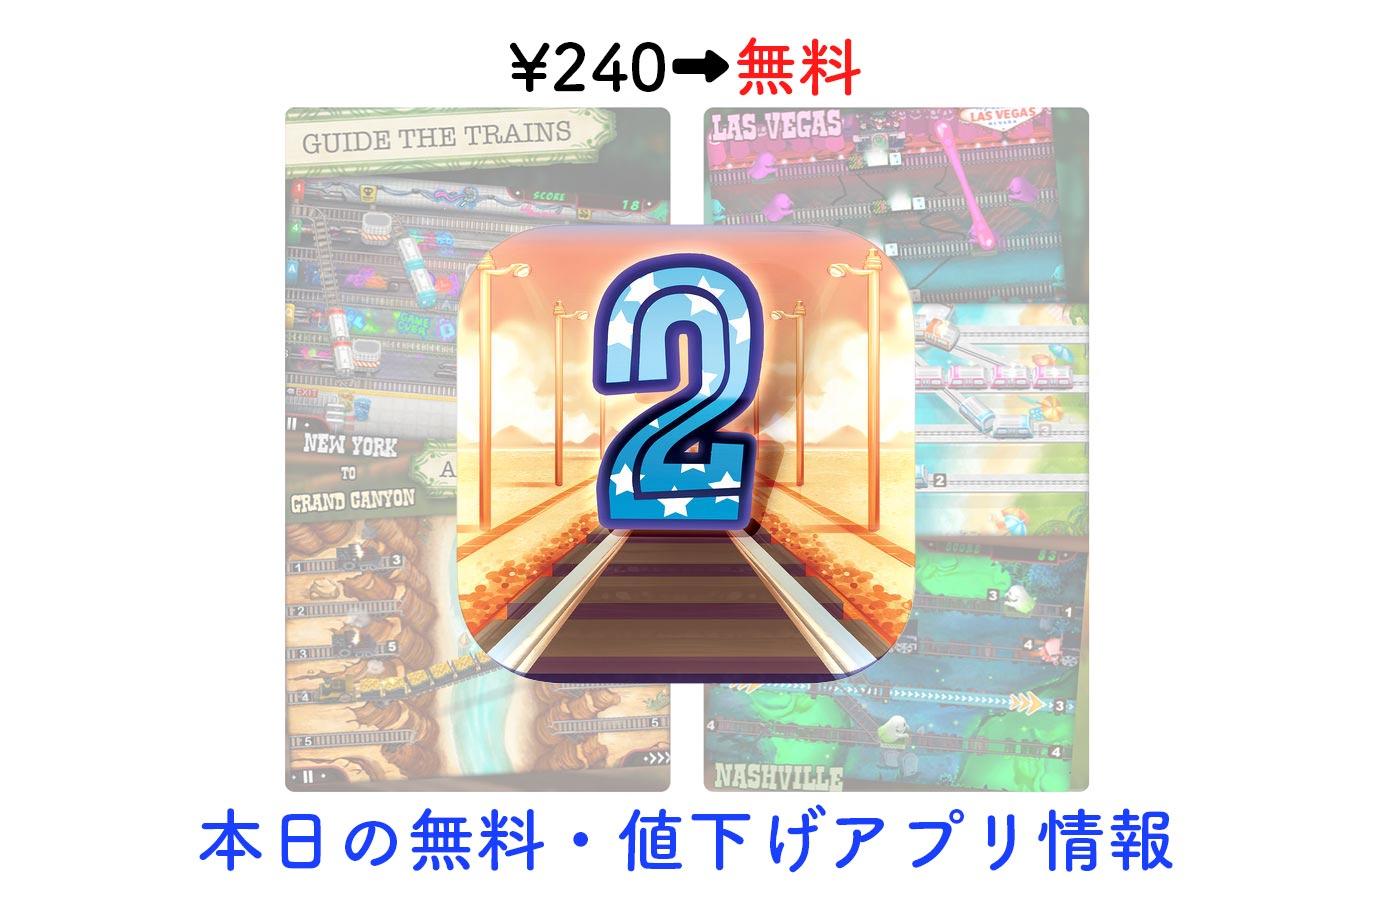 ¥360→無料、線路をつなげて次々くる列車をさばく「Train Conductor 2: USA」など【4/20】セールアプリ情報